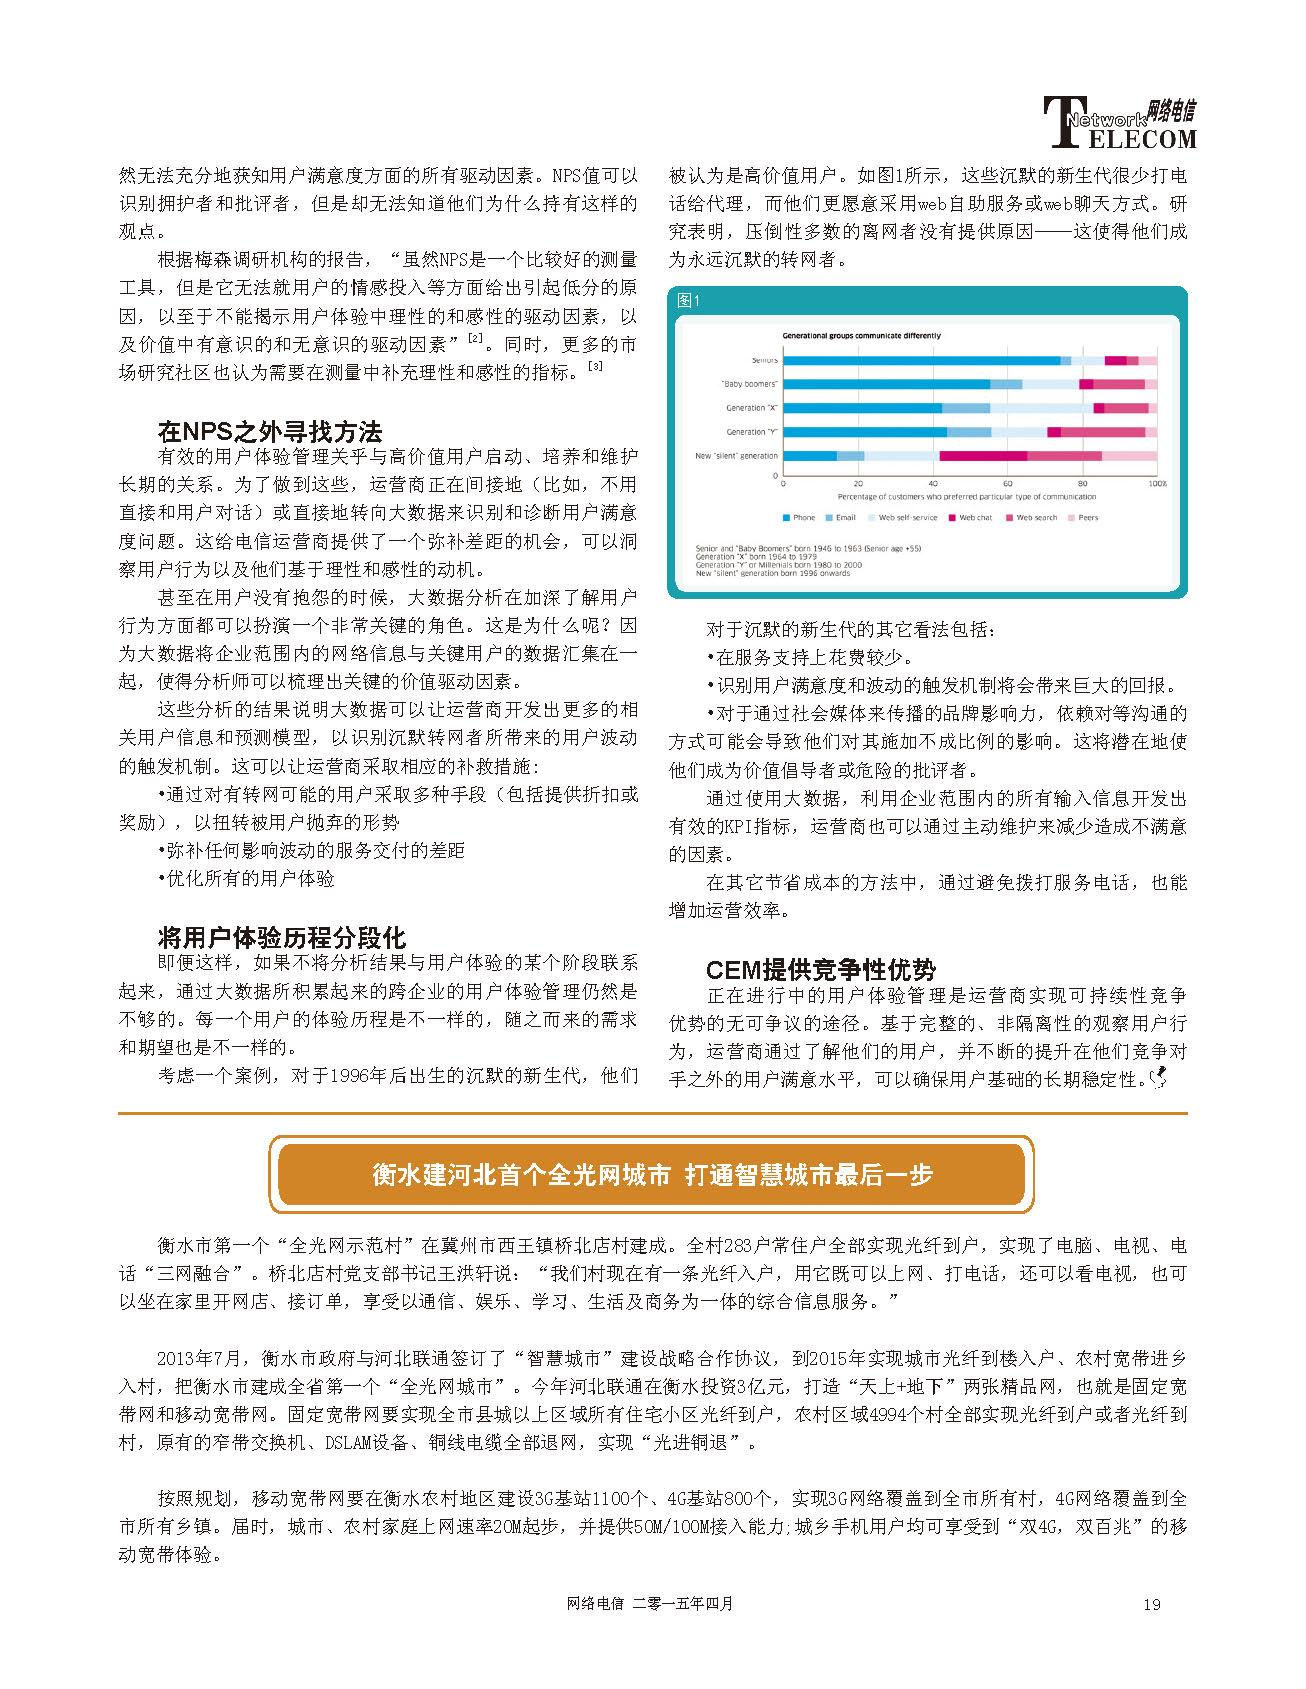 电信2015-04_页面_19.jpg